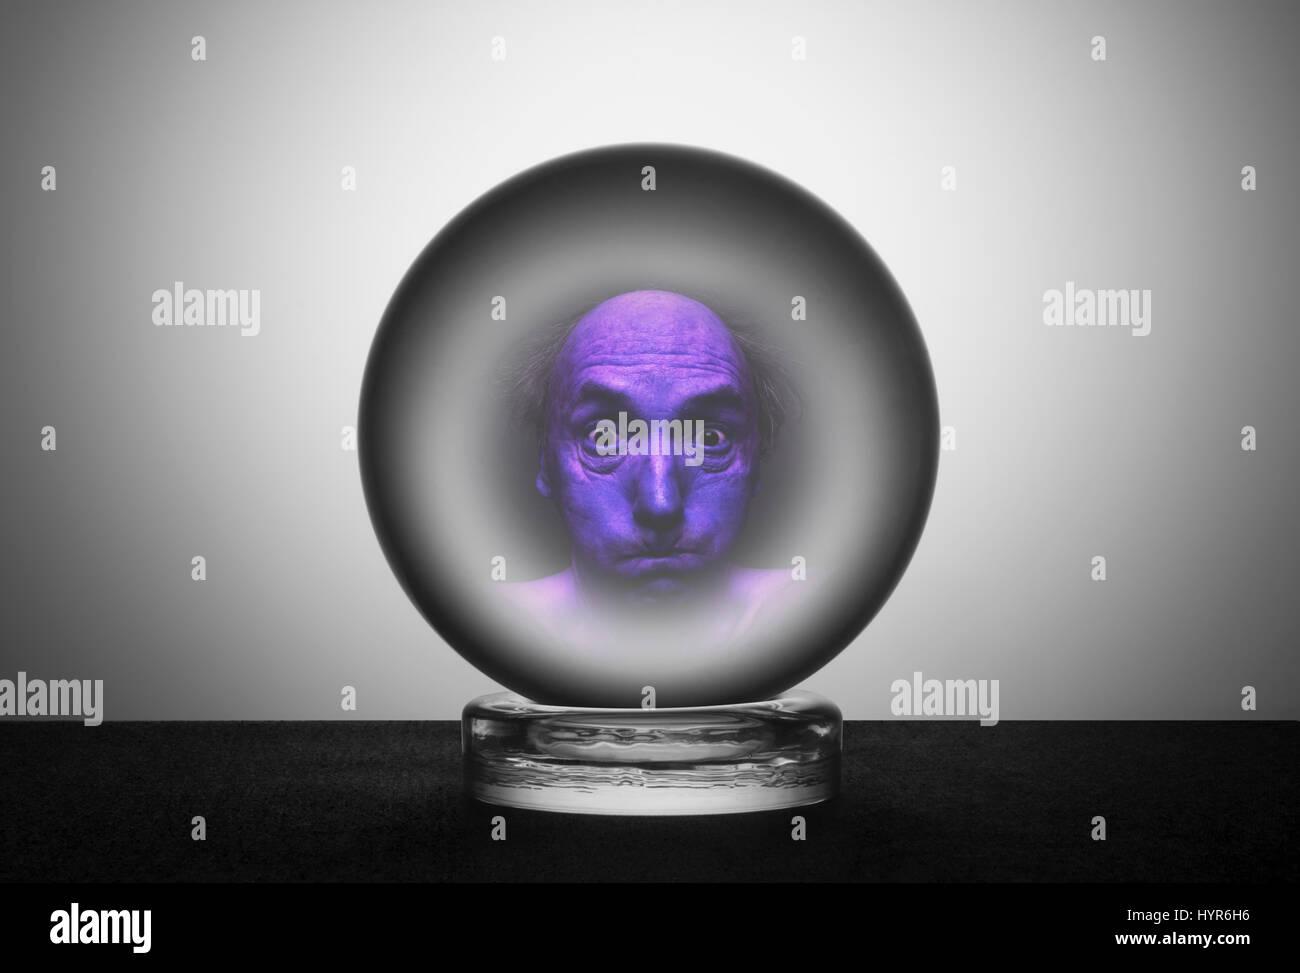 Bola de cristal con cara de asustados tensa Imagen De Stock